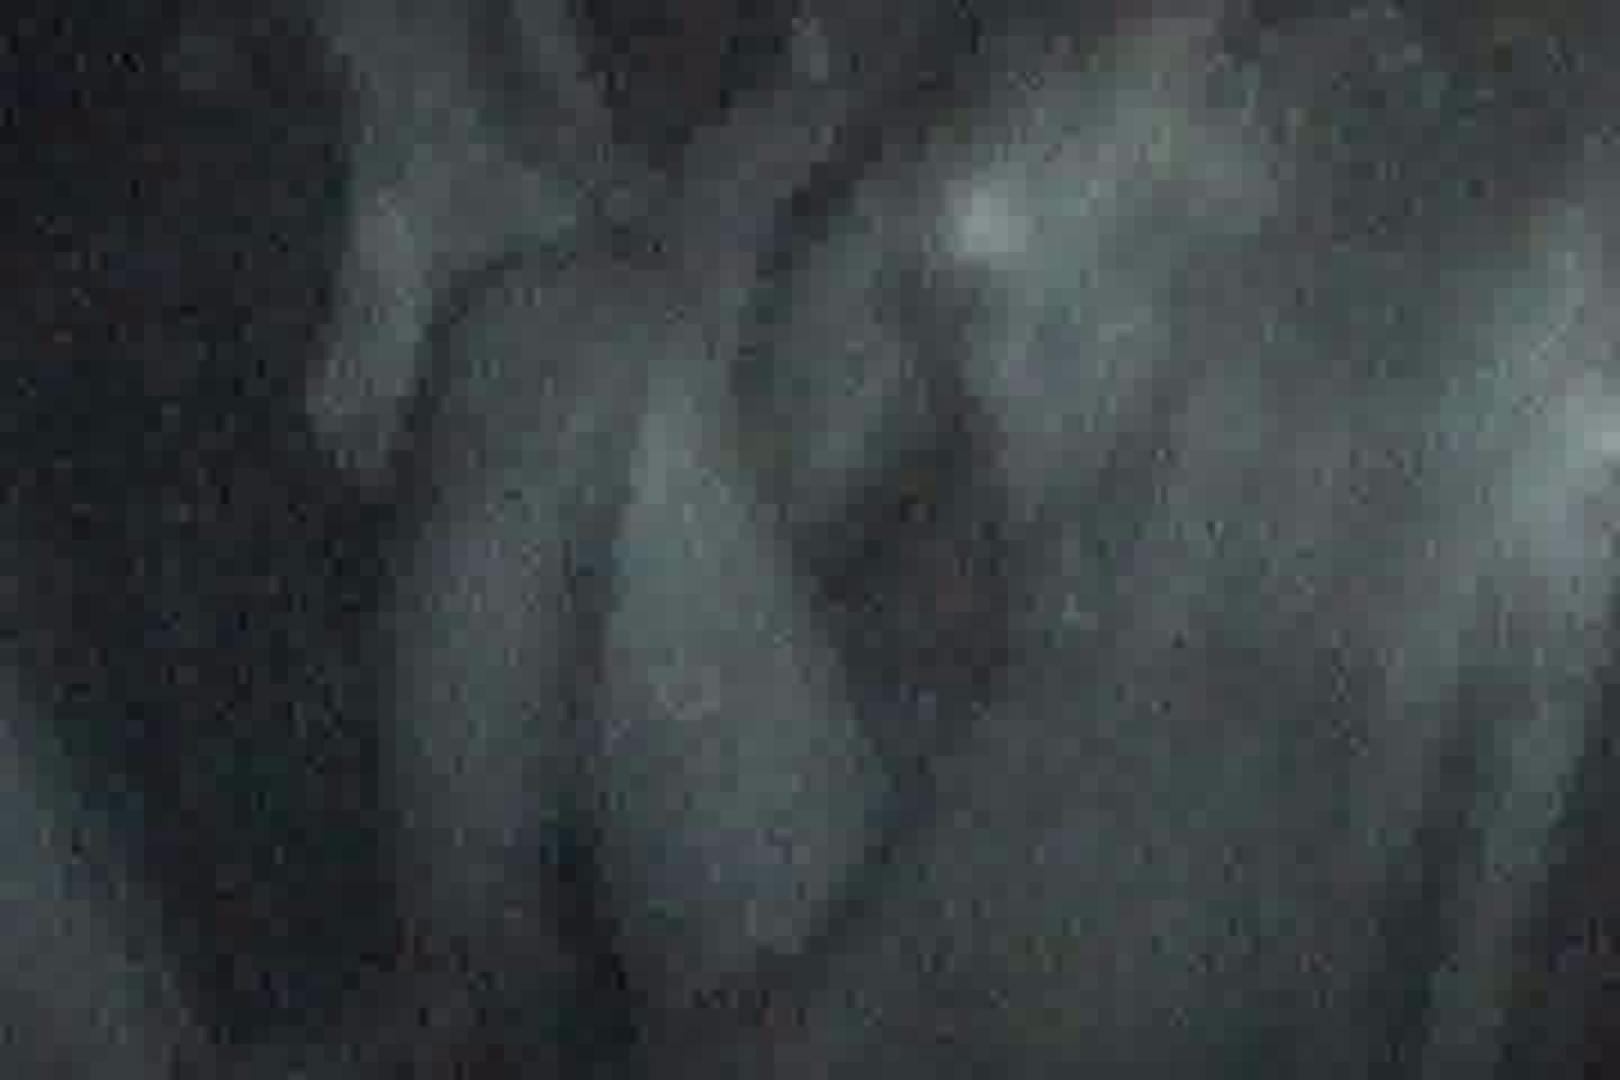 充血監督の深夜の運動会Vol.21 覗き おめこ無修正動画無料 95pic 9